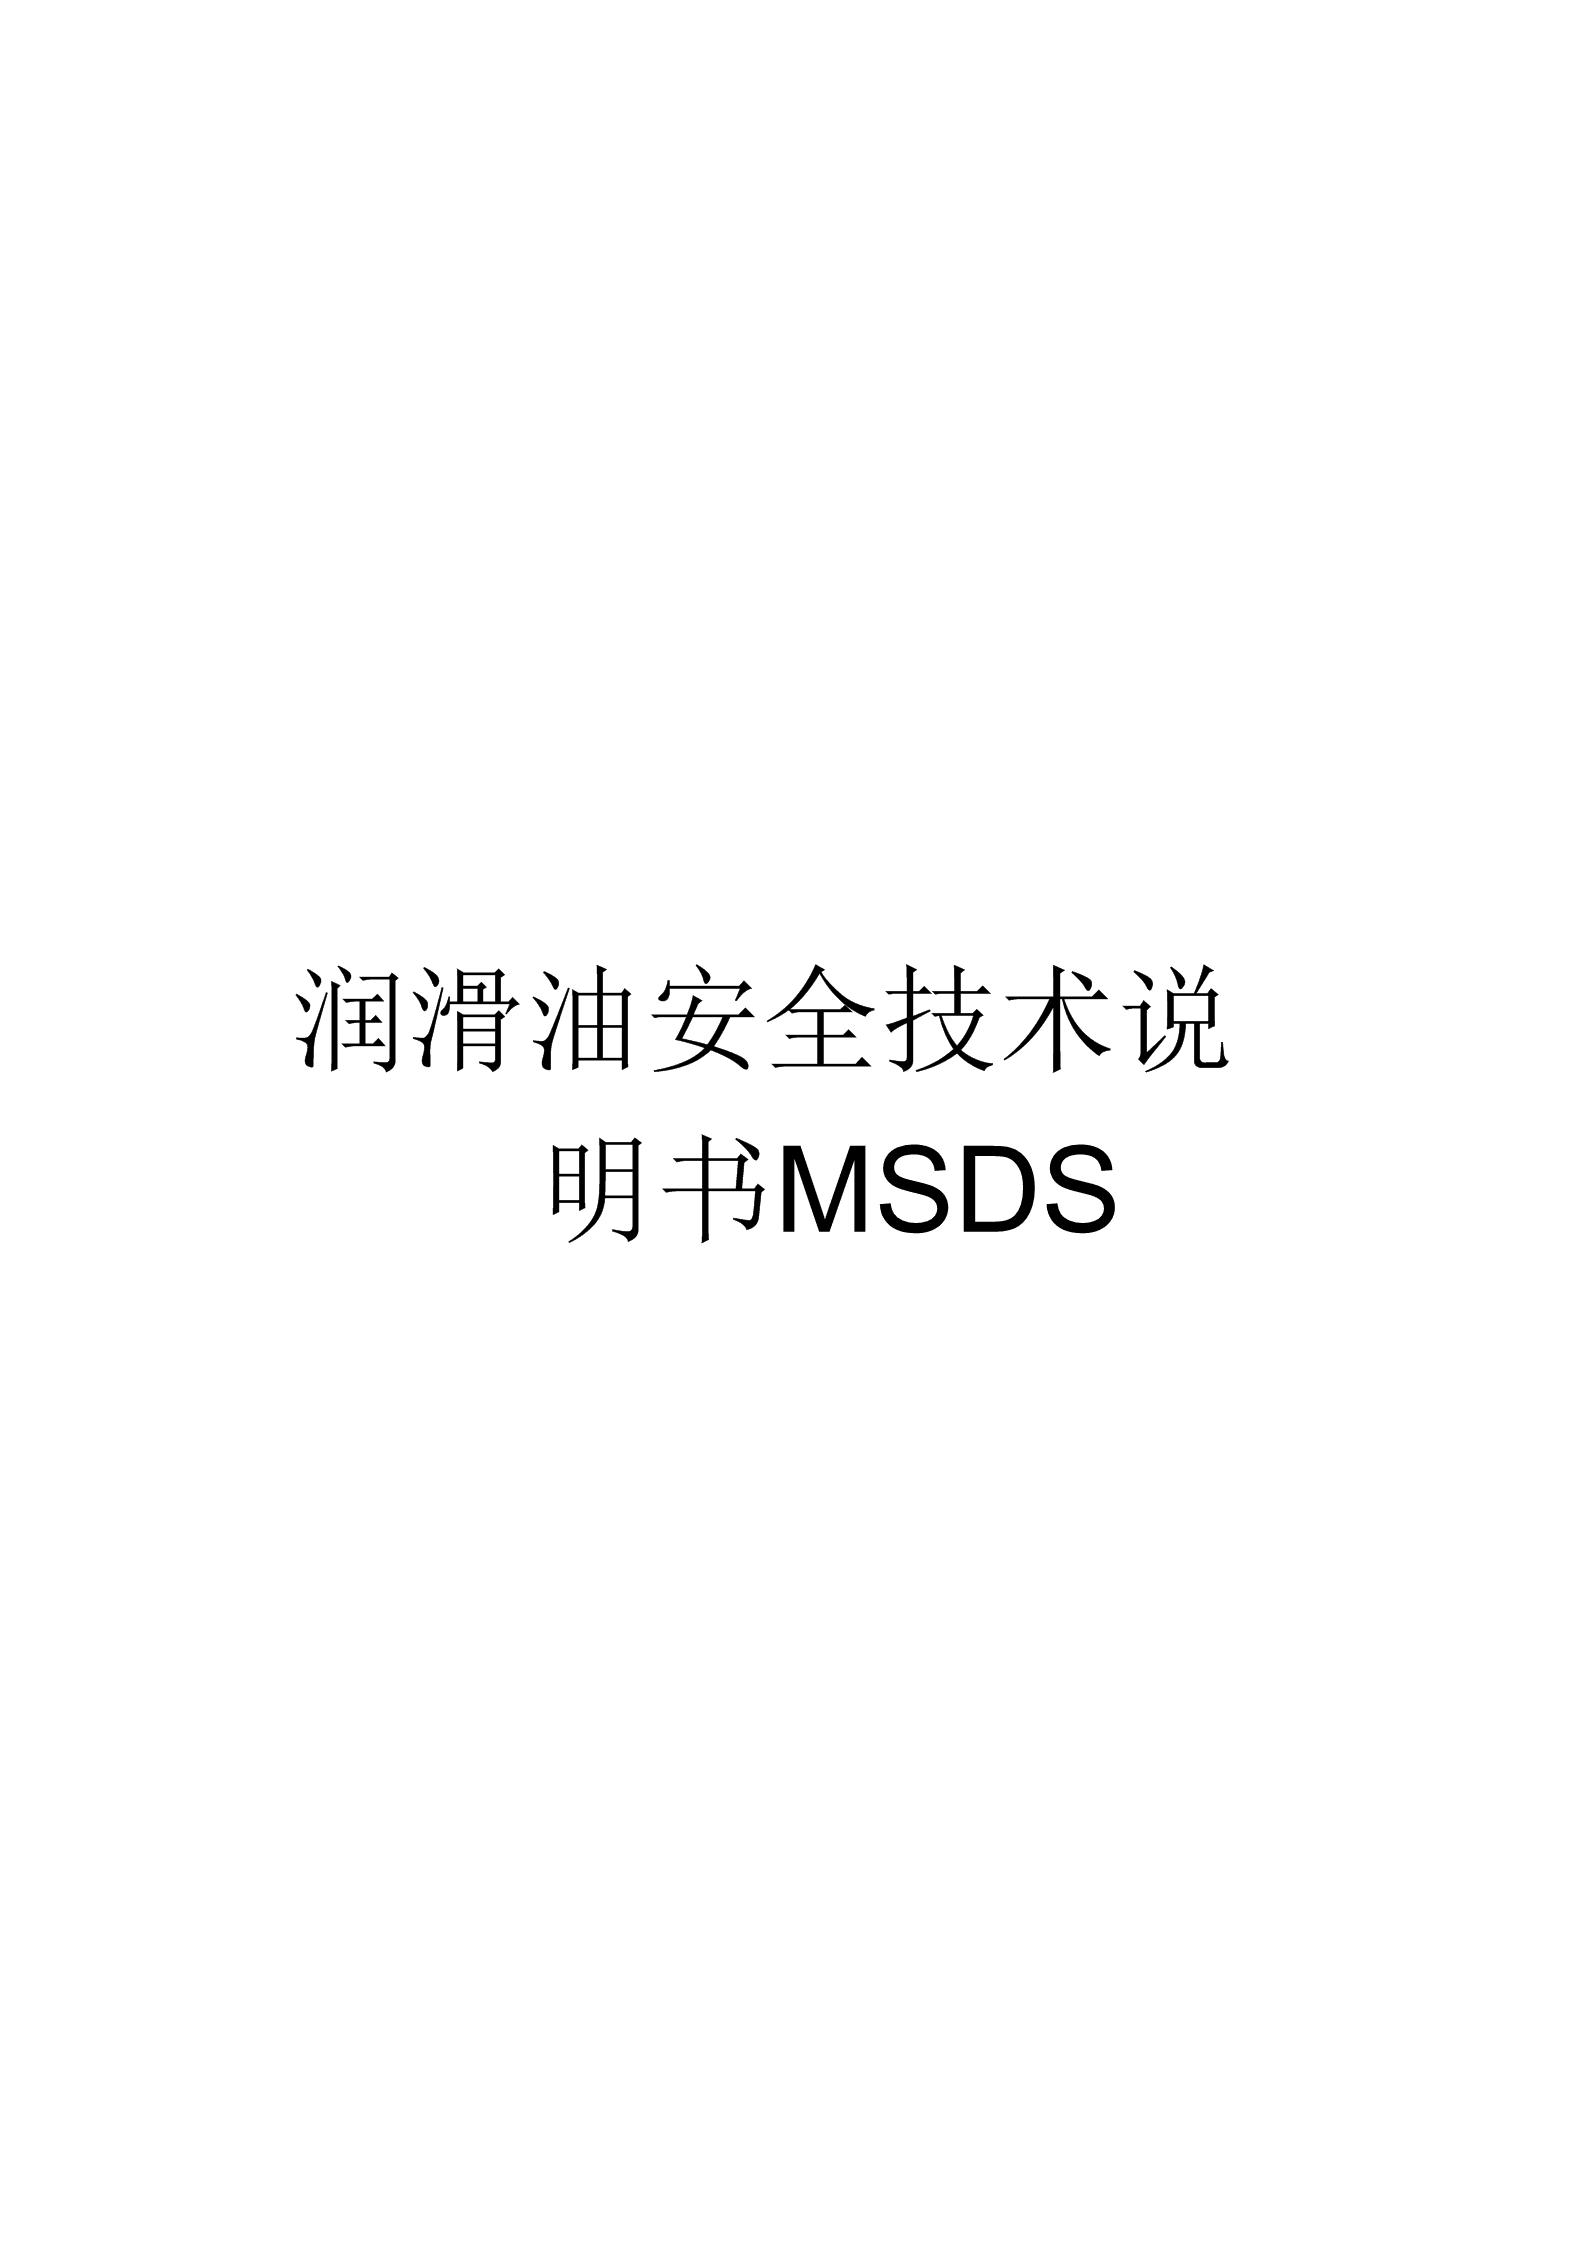 《润滑油安全技术说明书MSDS》.docx